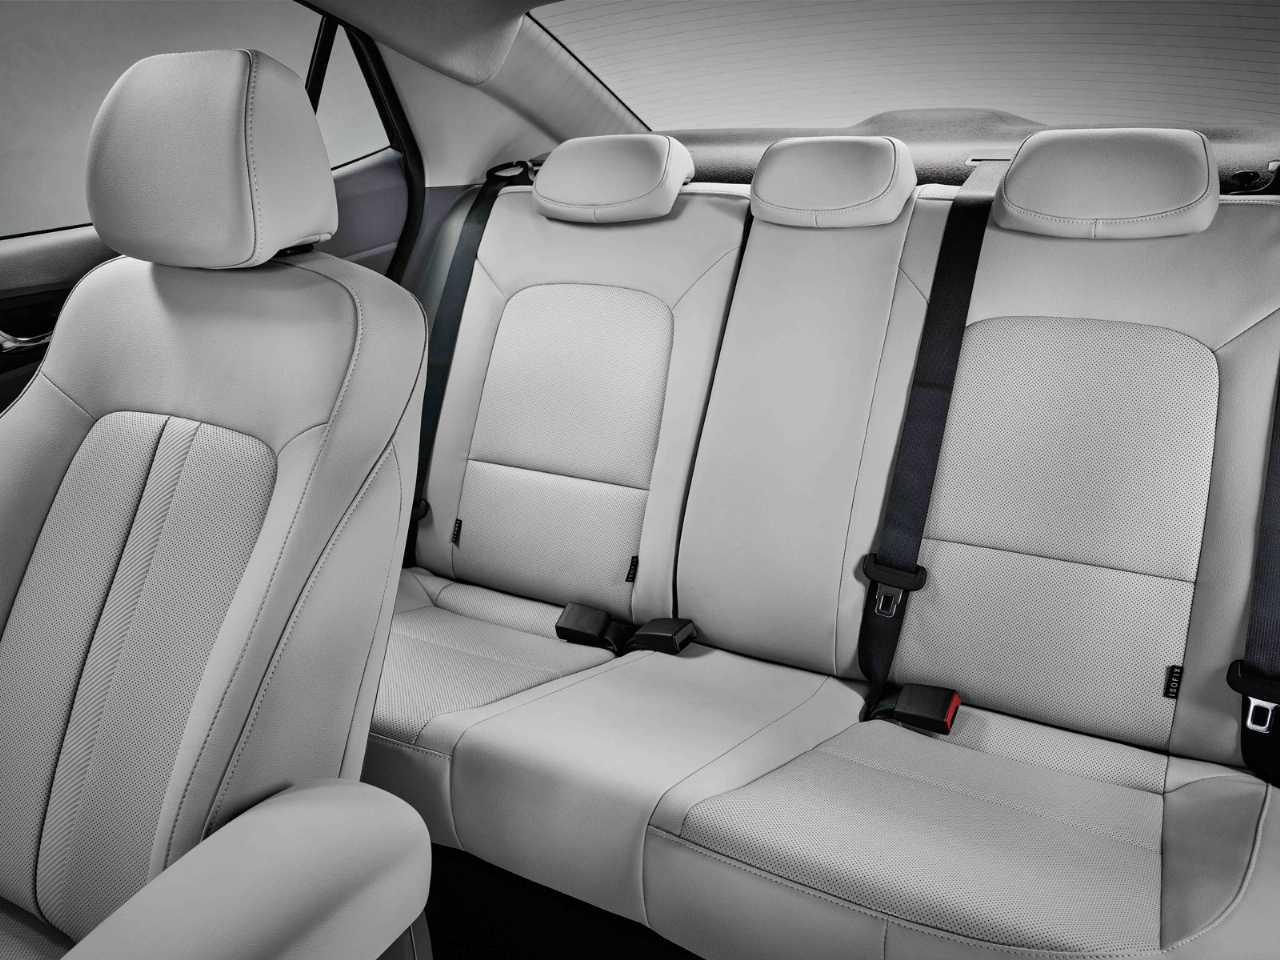 HyundaiHB20S 2020 - bancos traseiros